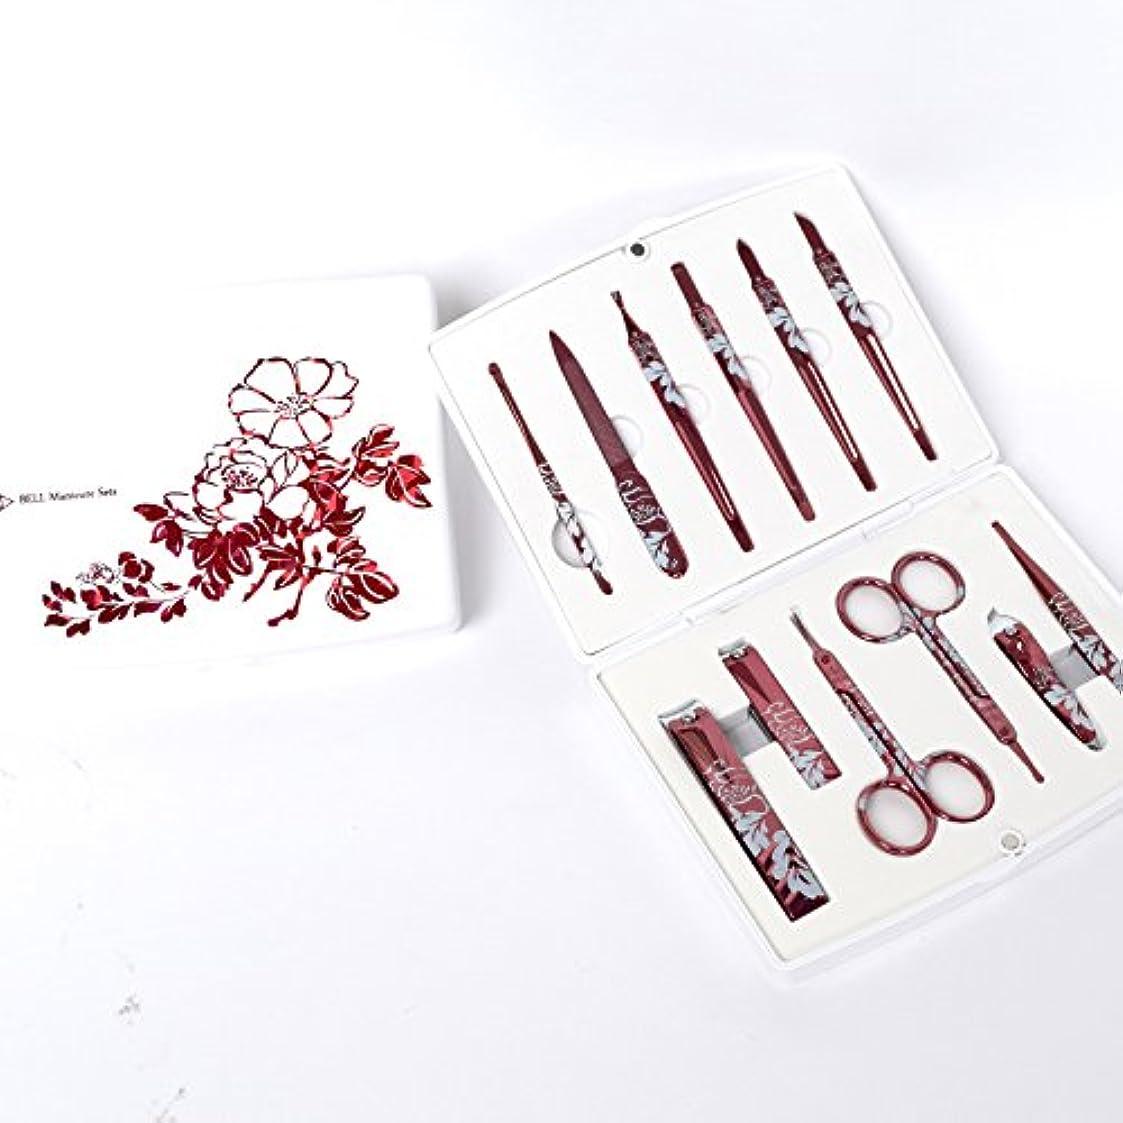 バケツ竜巻トピックBELL Manicure Sets BM-500A ポータブル爪の管理セット 爪切りセット 高品質のネイルケアセット高級感のある東洋画のデザイン Portable Nail Clippers Nail Care Set